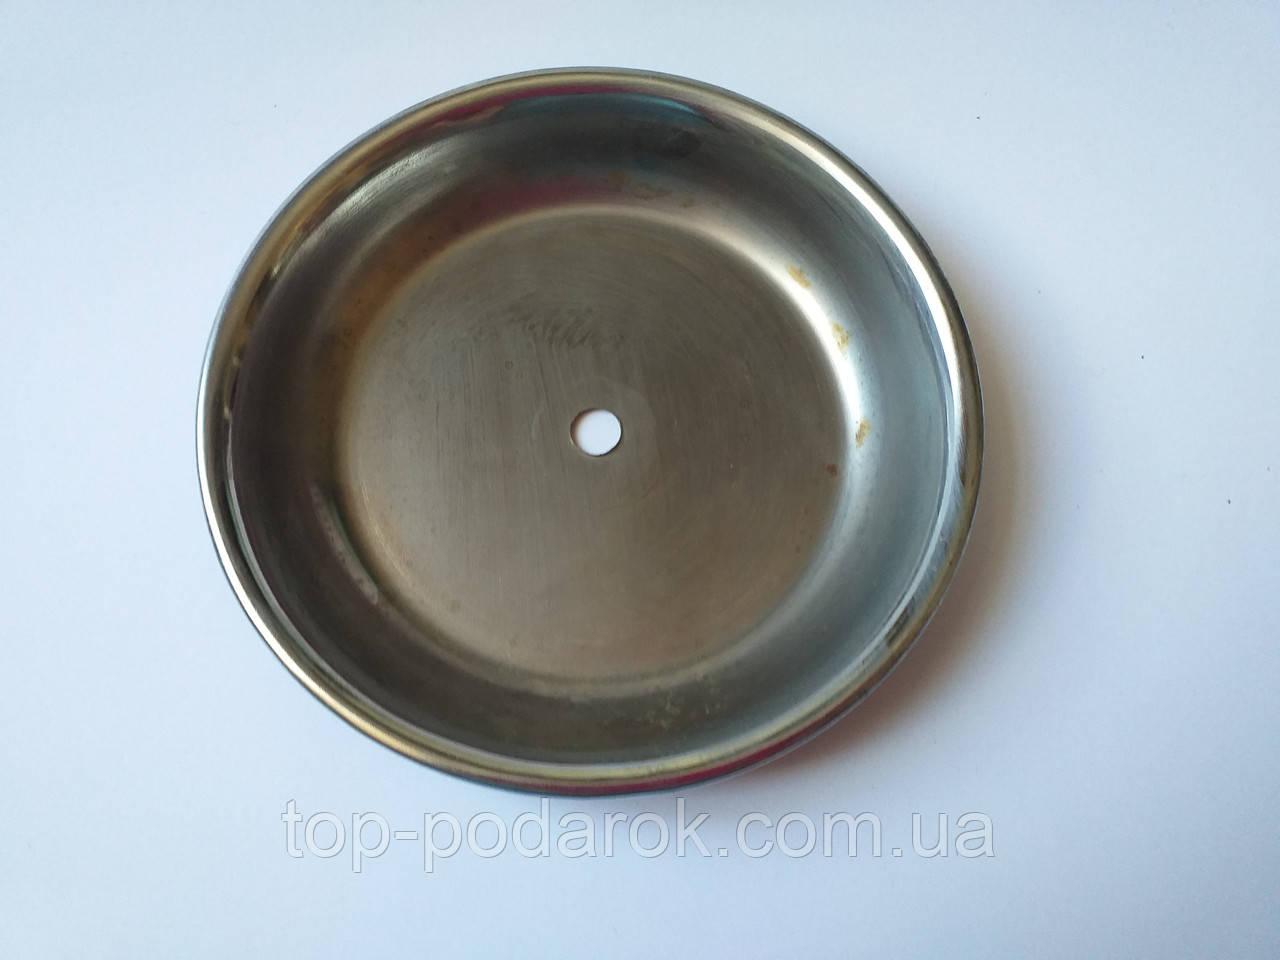 Тарелка для кальяна большая